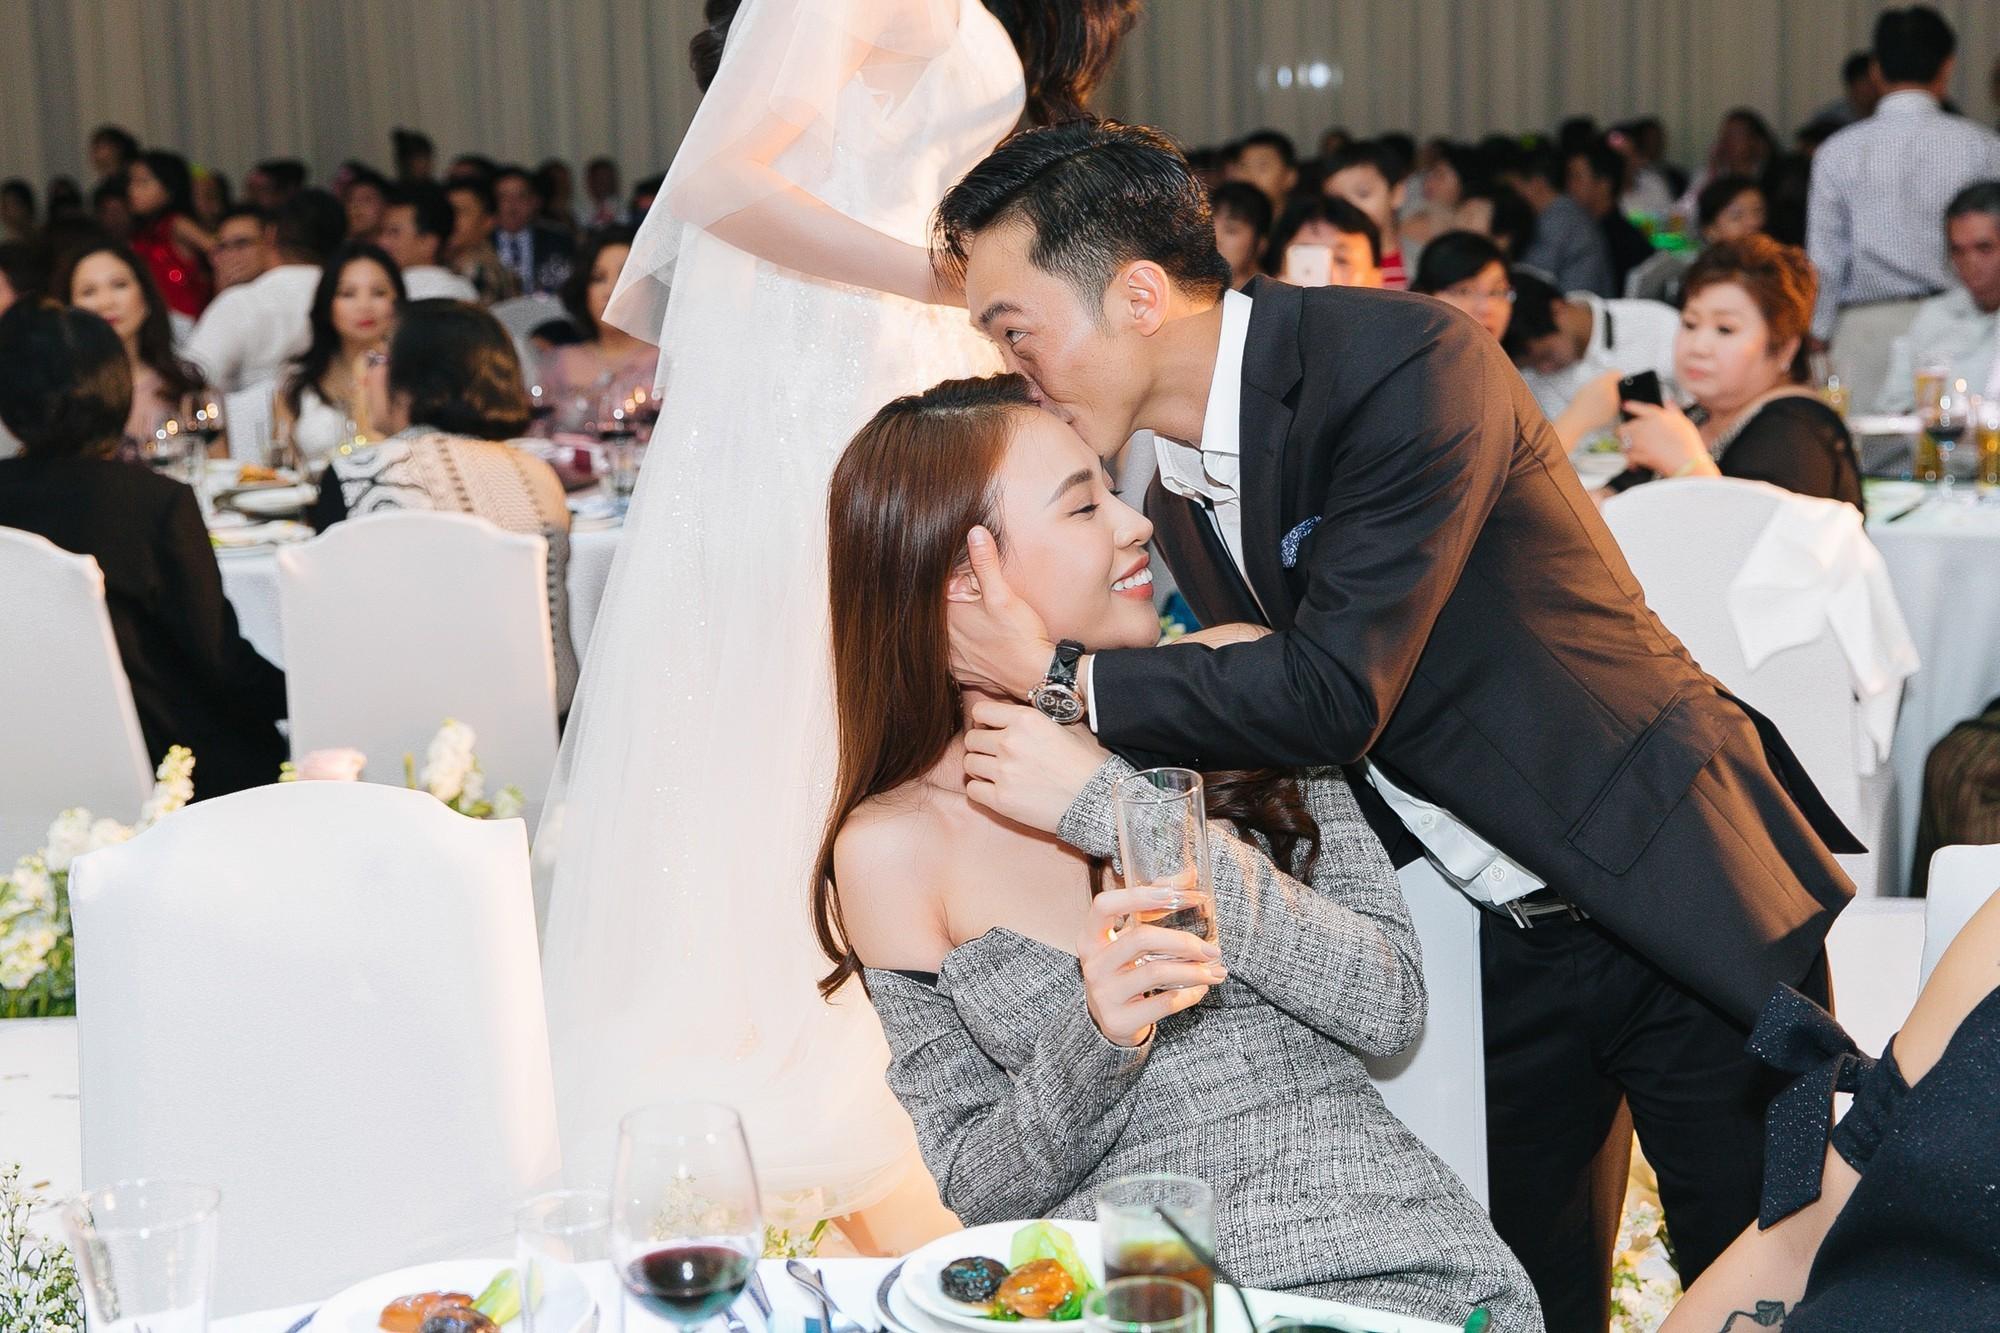 Cường Đô La gây bất ngờ khi công khai gọi Đàm Thu Trang là vợ 1